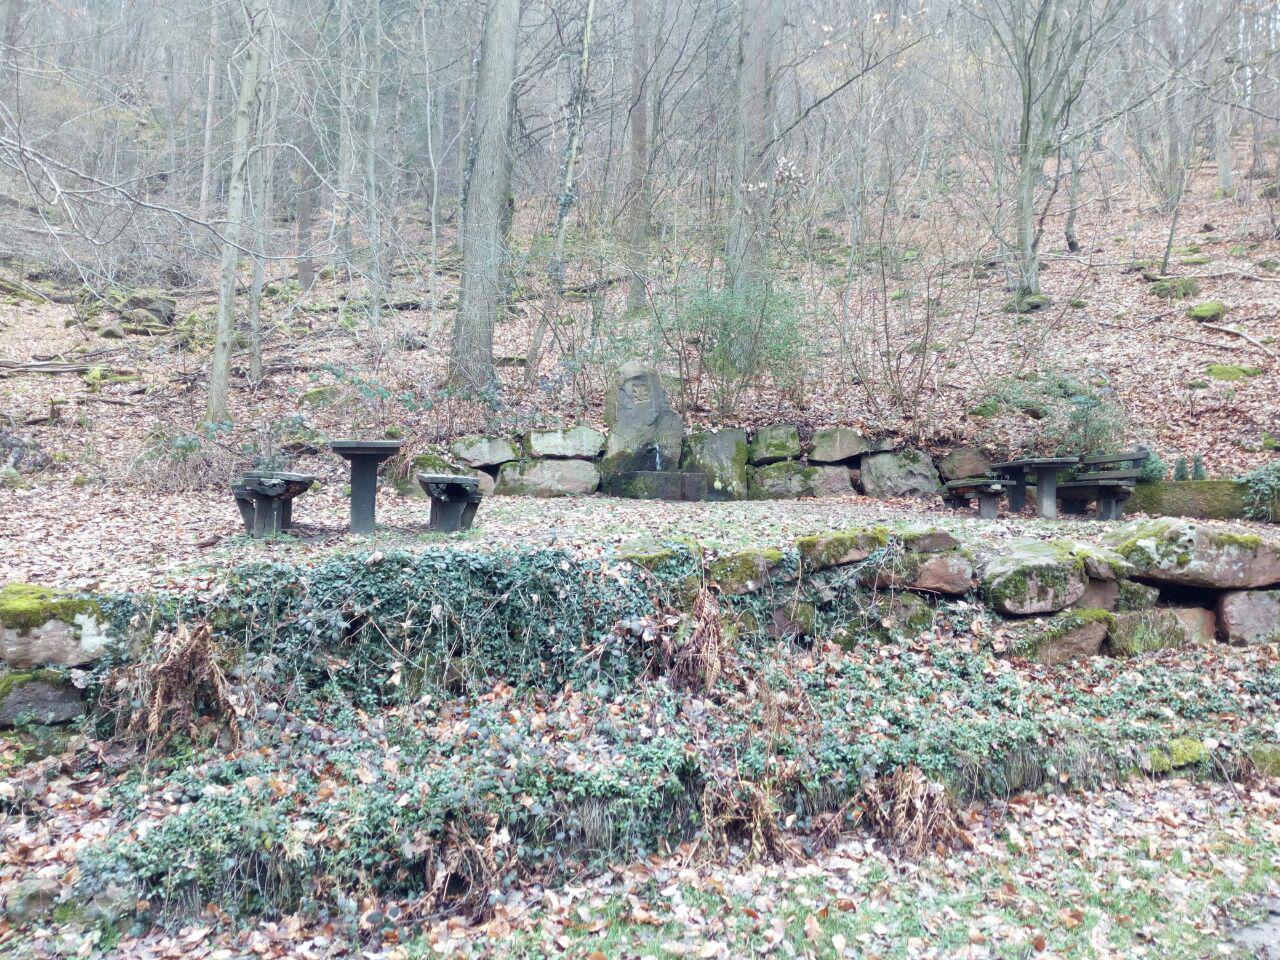 Quelle und Rastplatz am Wegensrand. (Februar)